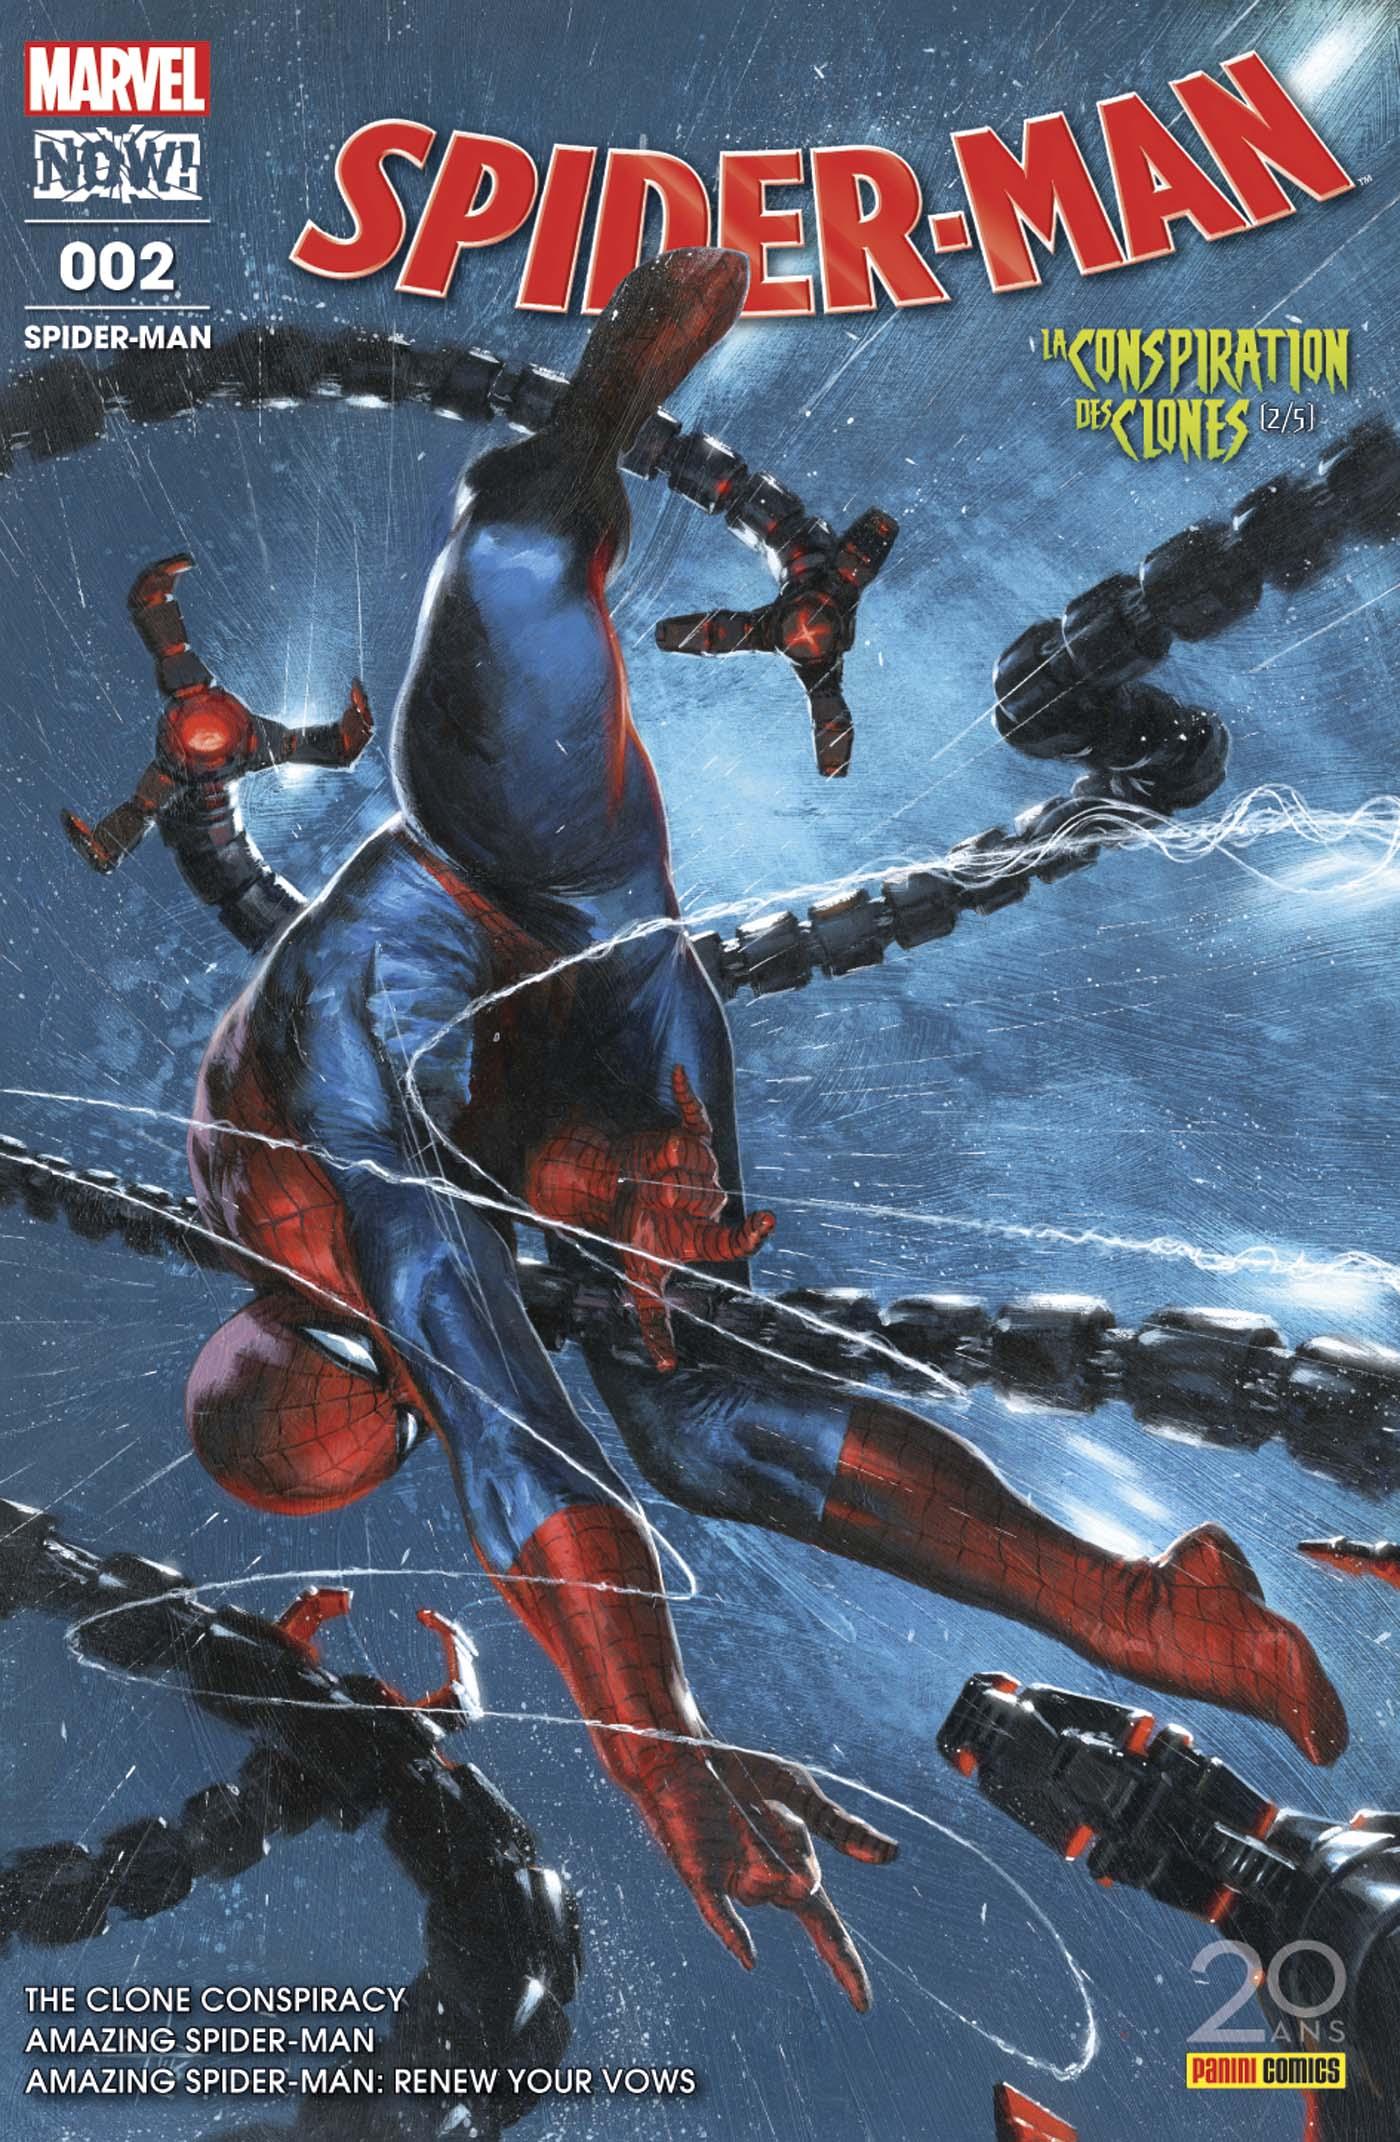 SPIDER-MAN 2 (Couv 1/2)